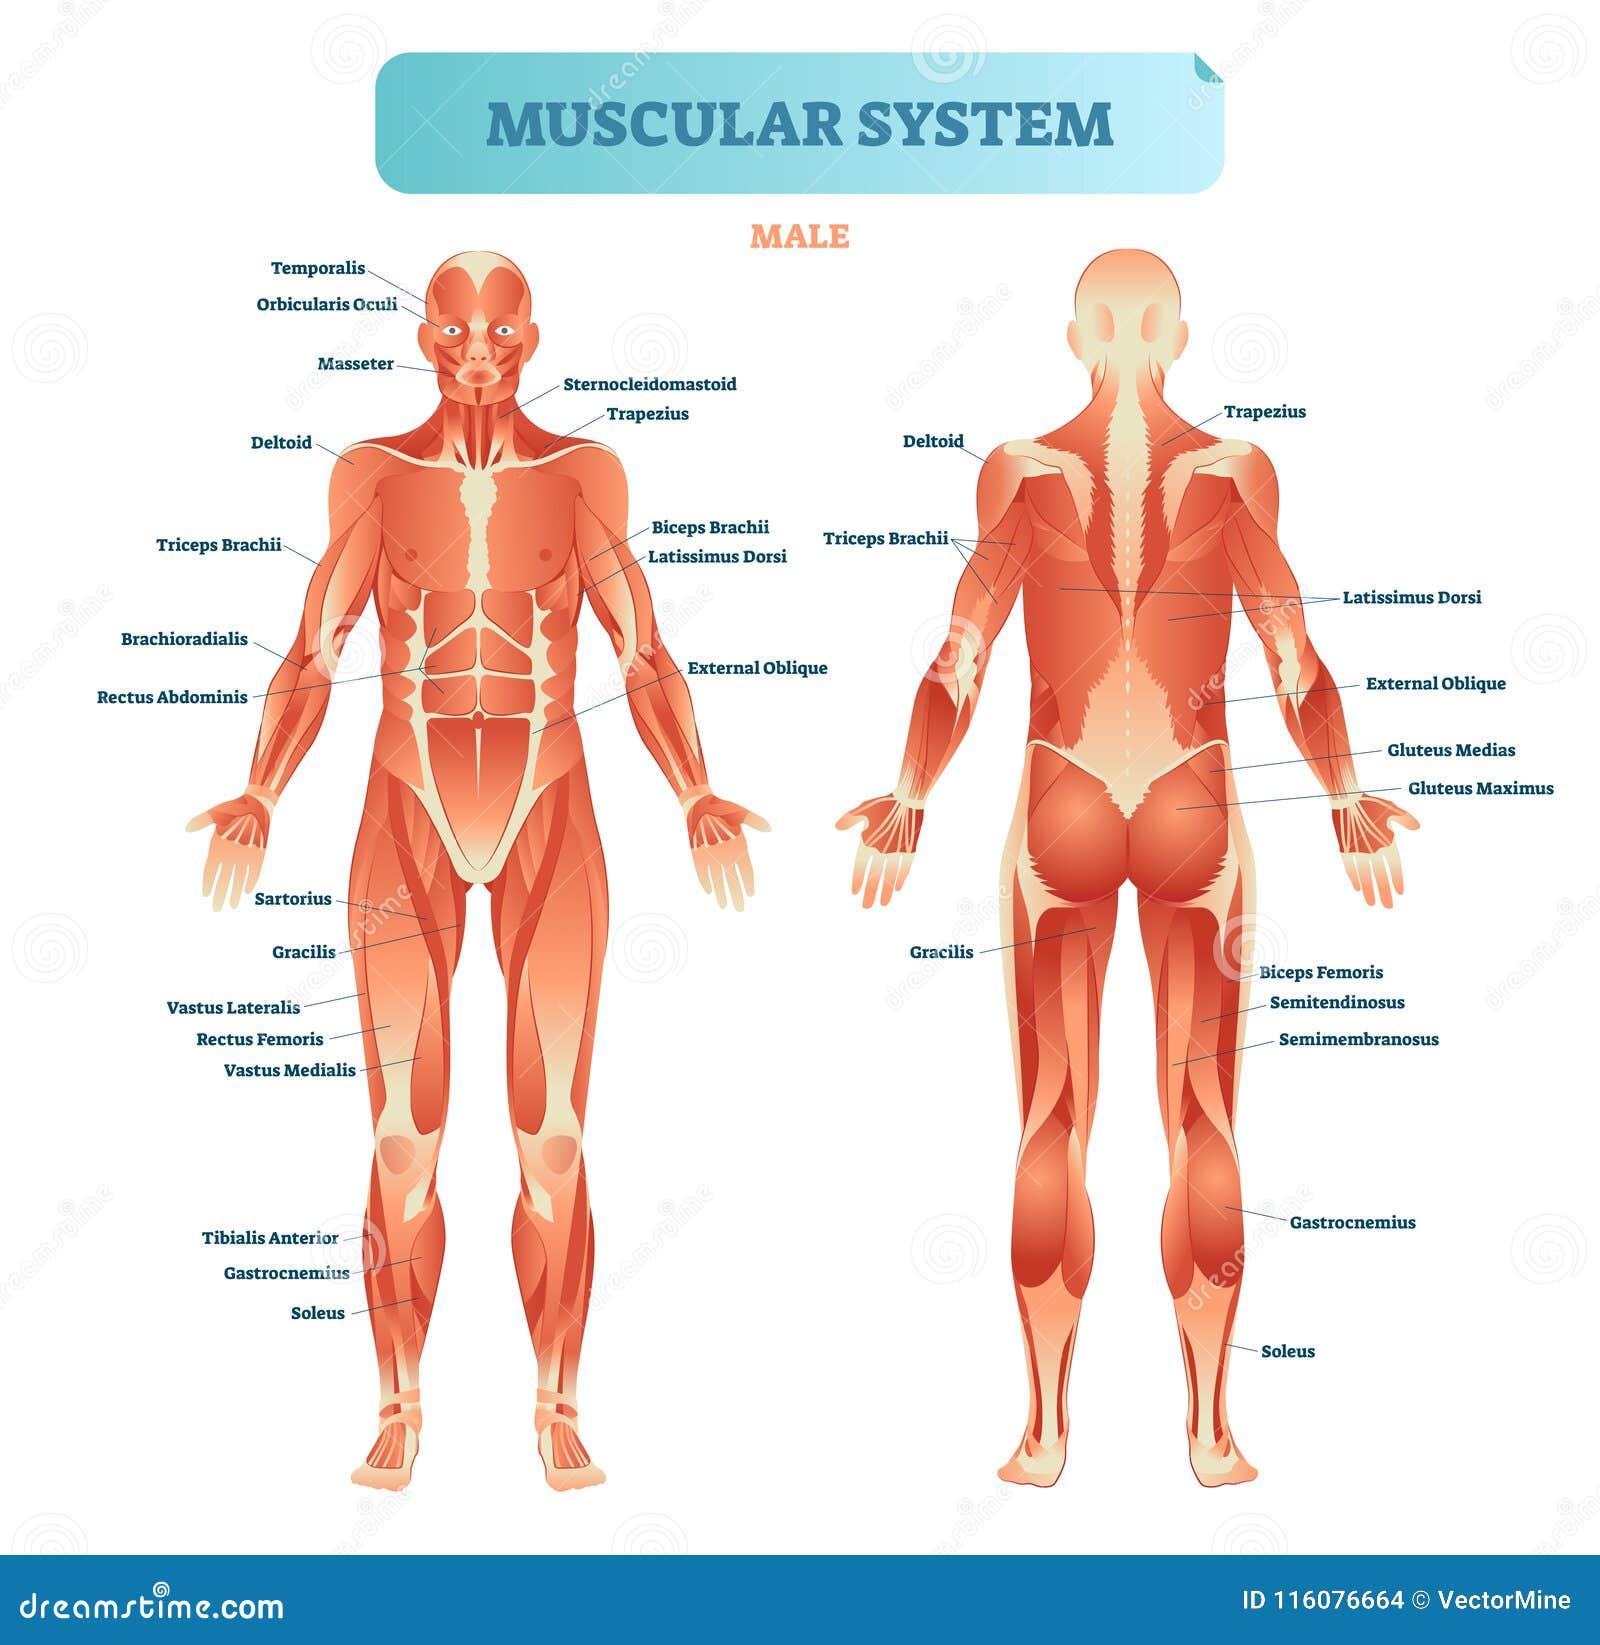 Sistema muscular masculino, diagrama anatômico completo com esquema do músculo, cartaz educacional do corpo da ilustração do veto